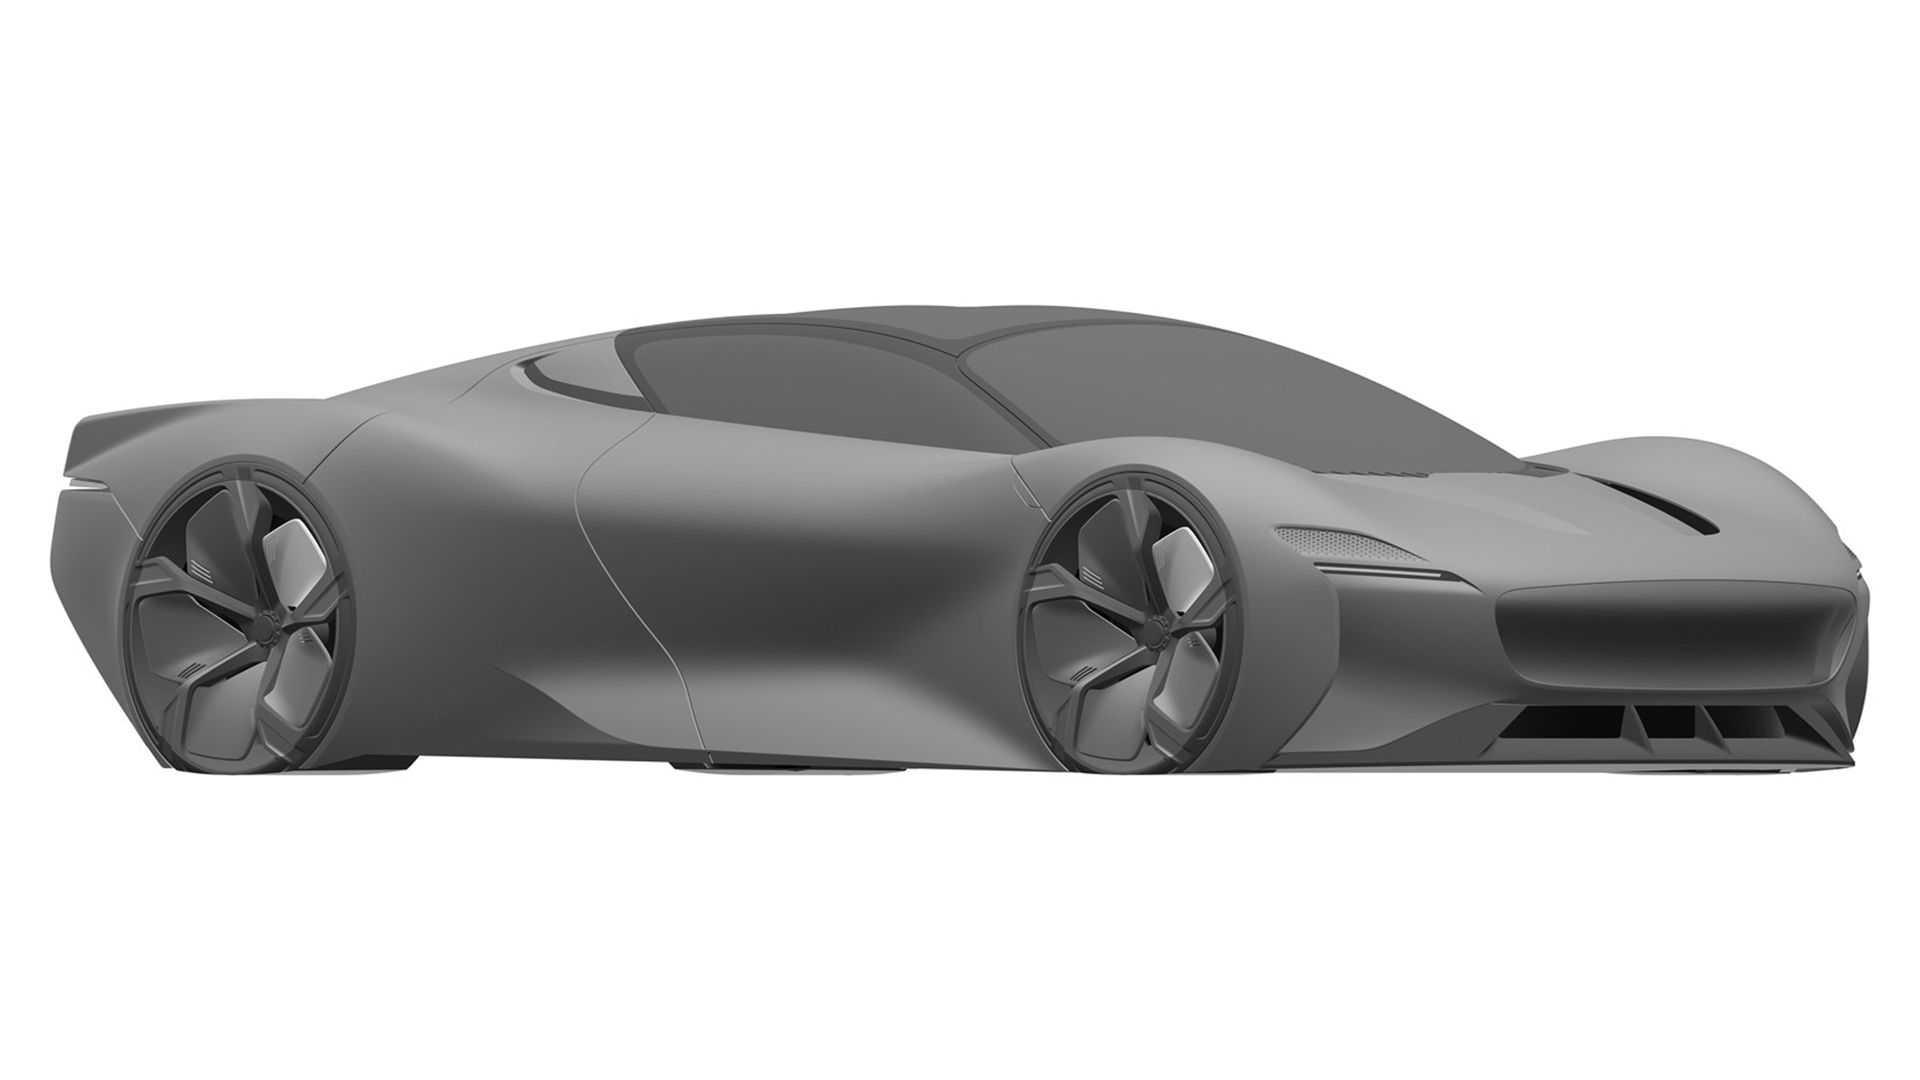 Jaguar-Supercar-Patent-Images-1